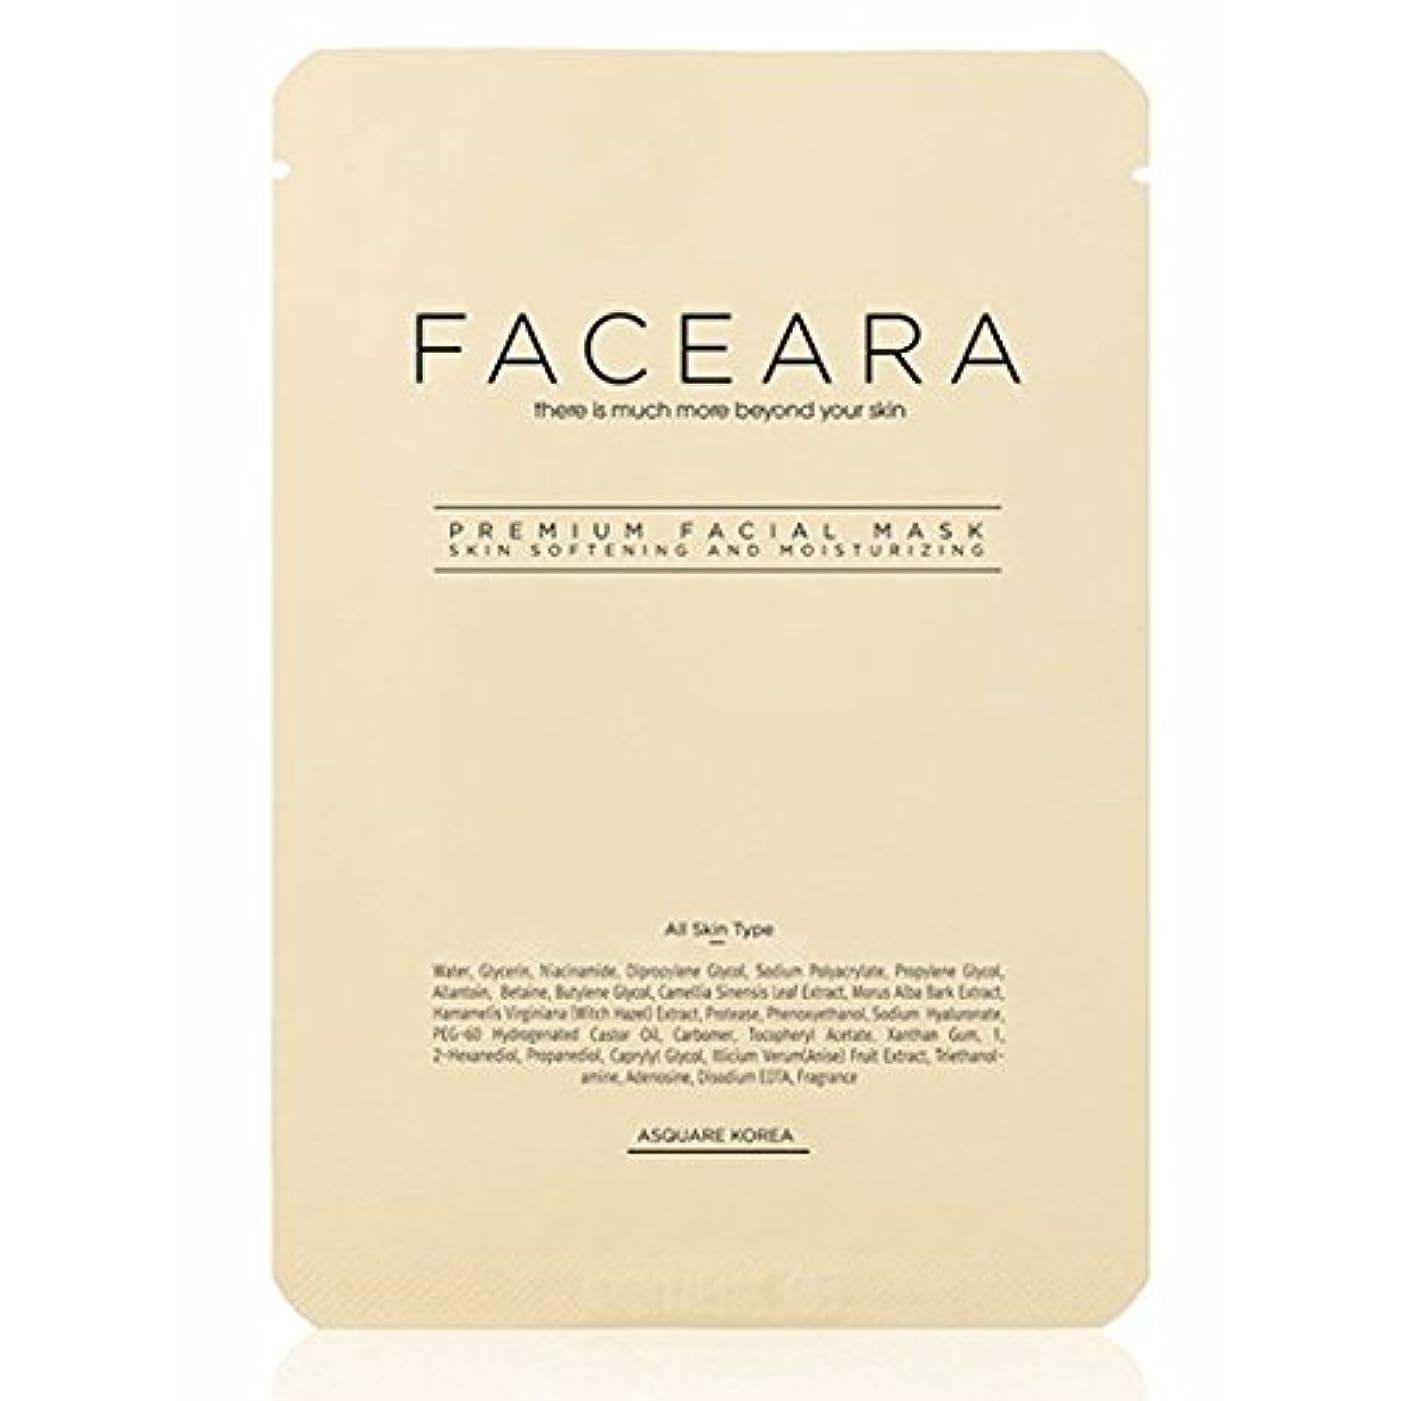 思想けん引飽和する[並行輸入品] FACEARA スクラブ&スーパーモイスチャライザー用プレミアムフェイシャルマスクシート25g 10本セット / FACEARA Premium Facial Mask Sheet for Scrub & Super Moisturizer 25g 10pcs Set